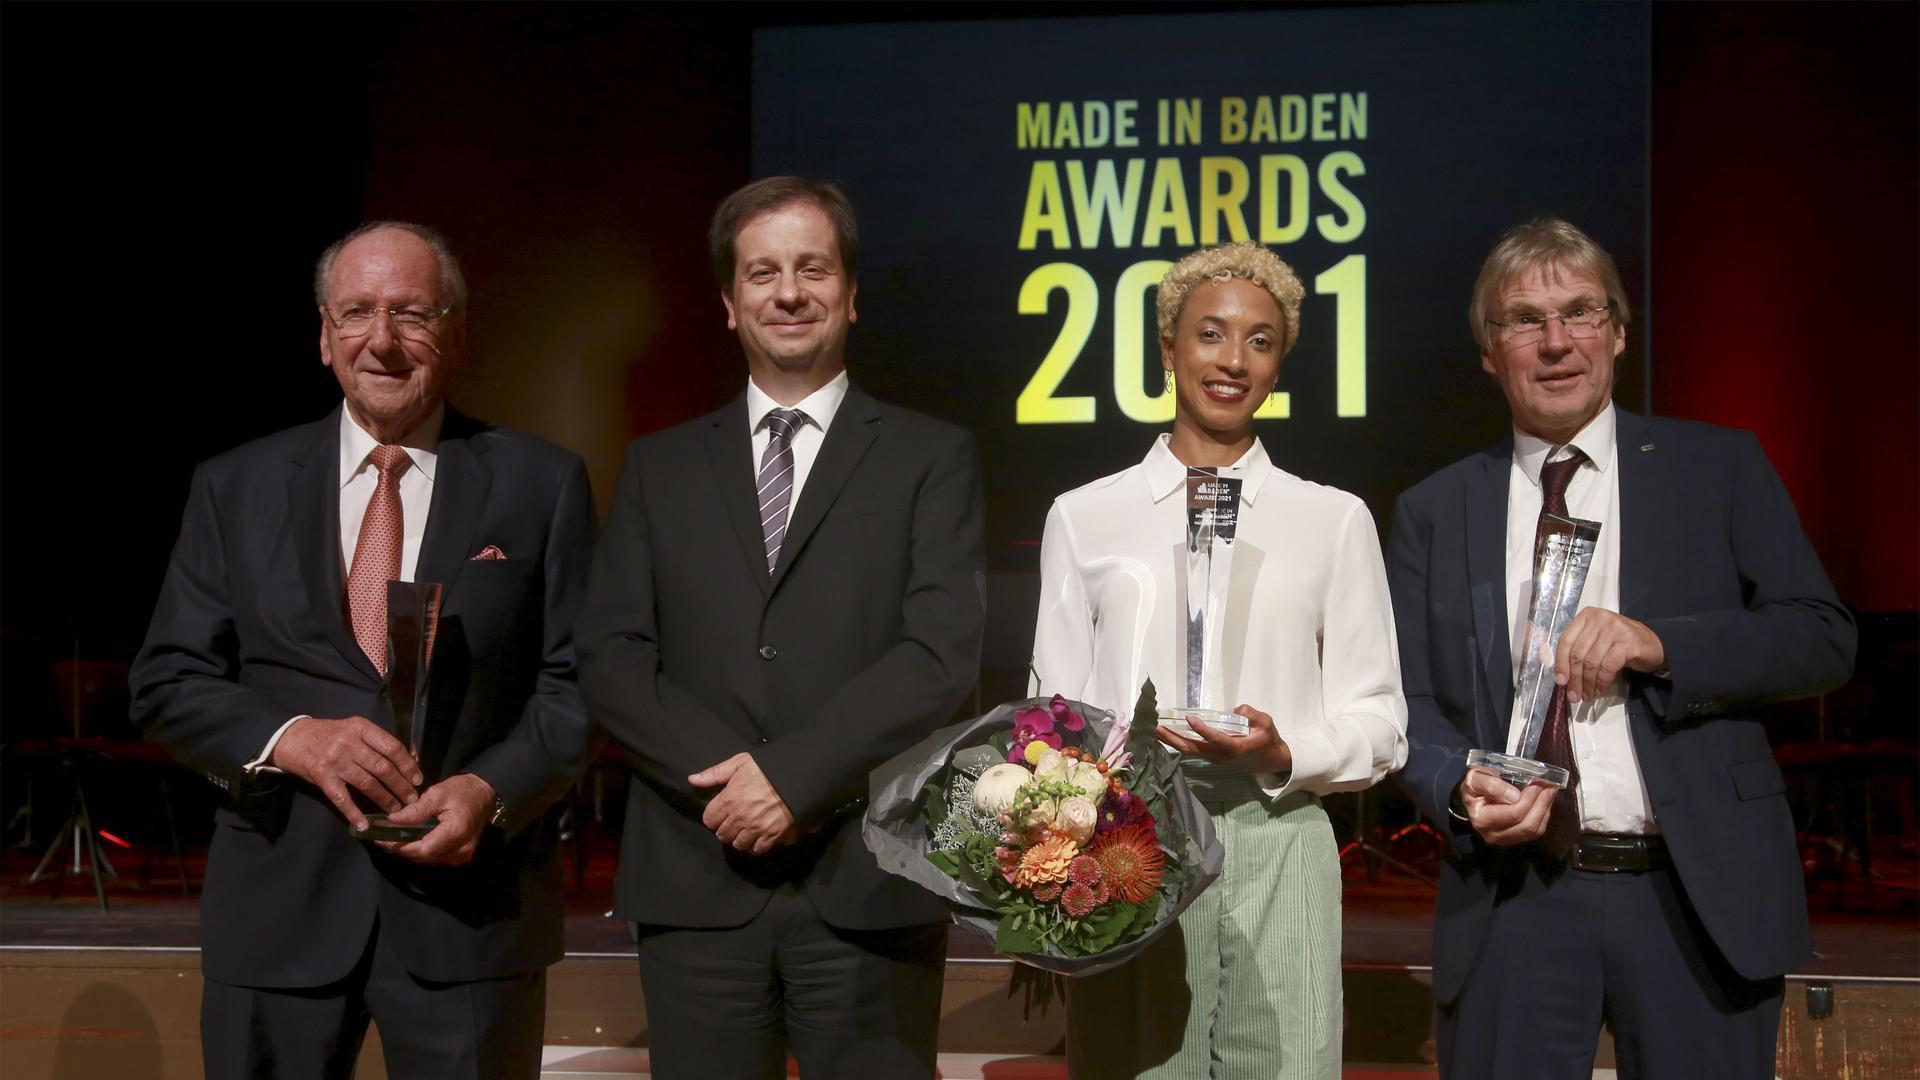 """Die Preisträger der diesjährigen """"Made in Baden""""-Awards: Hans Weber, Luka Mucic, Malaika Mihambo und Holger Hanselka."""